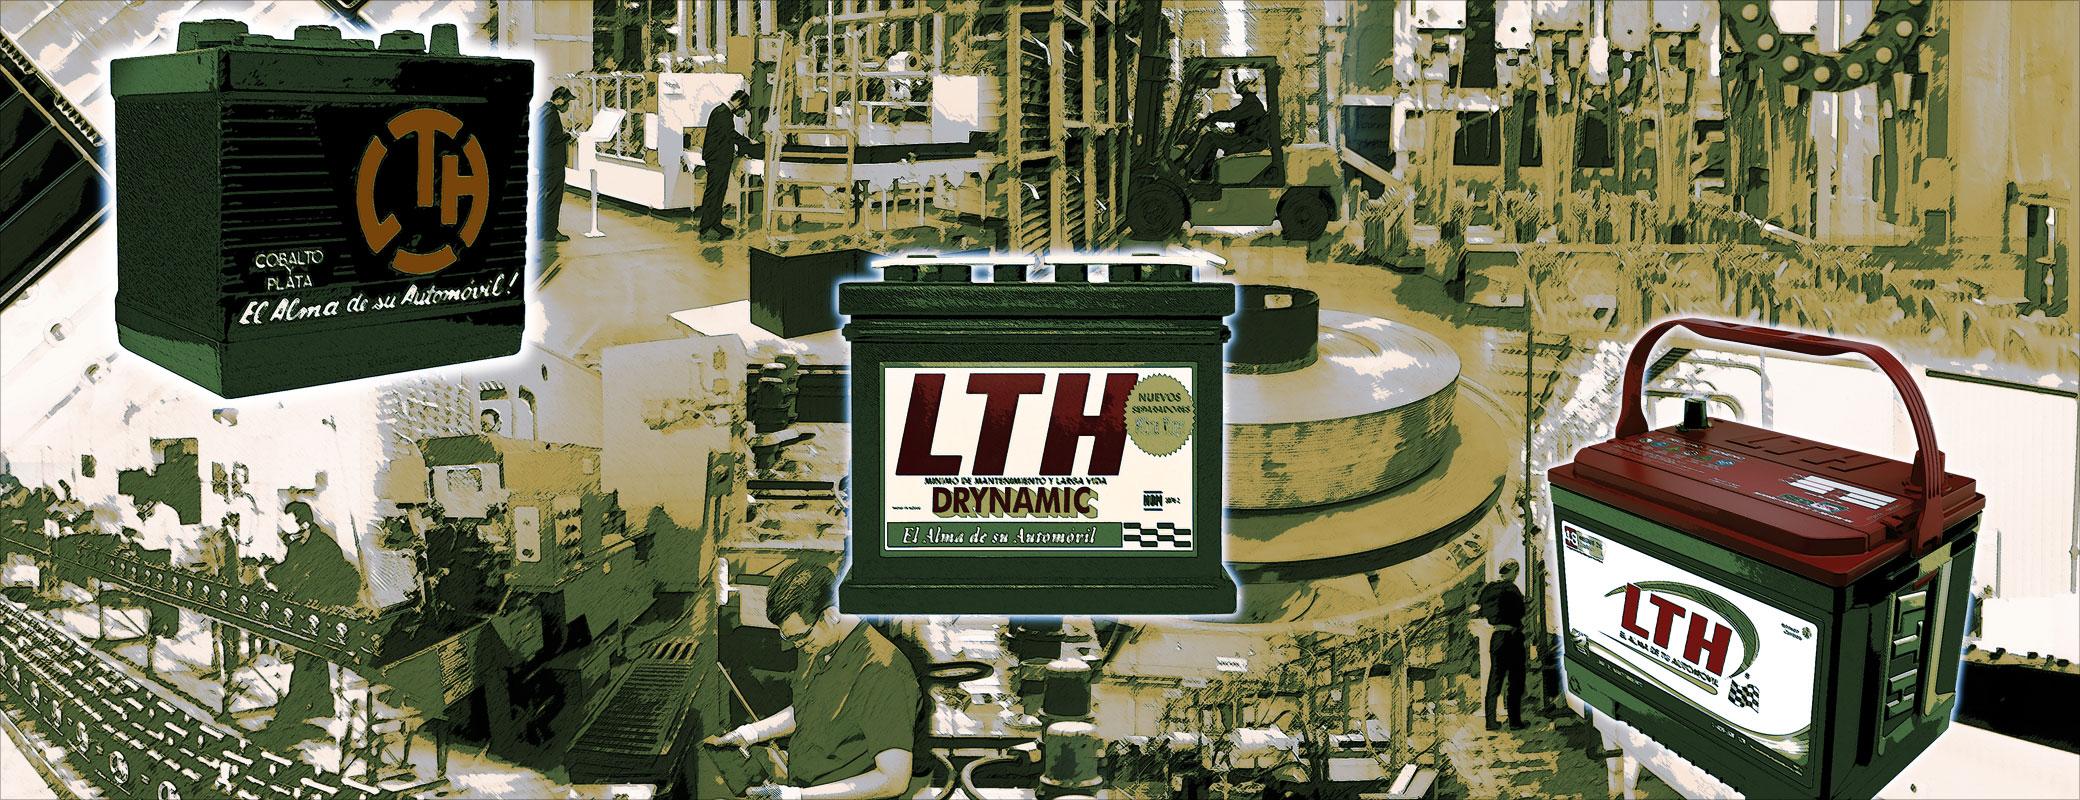 Baterías LTH Historia encuentra lo mejor de Innovación en Acumuladores LTH Teconología